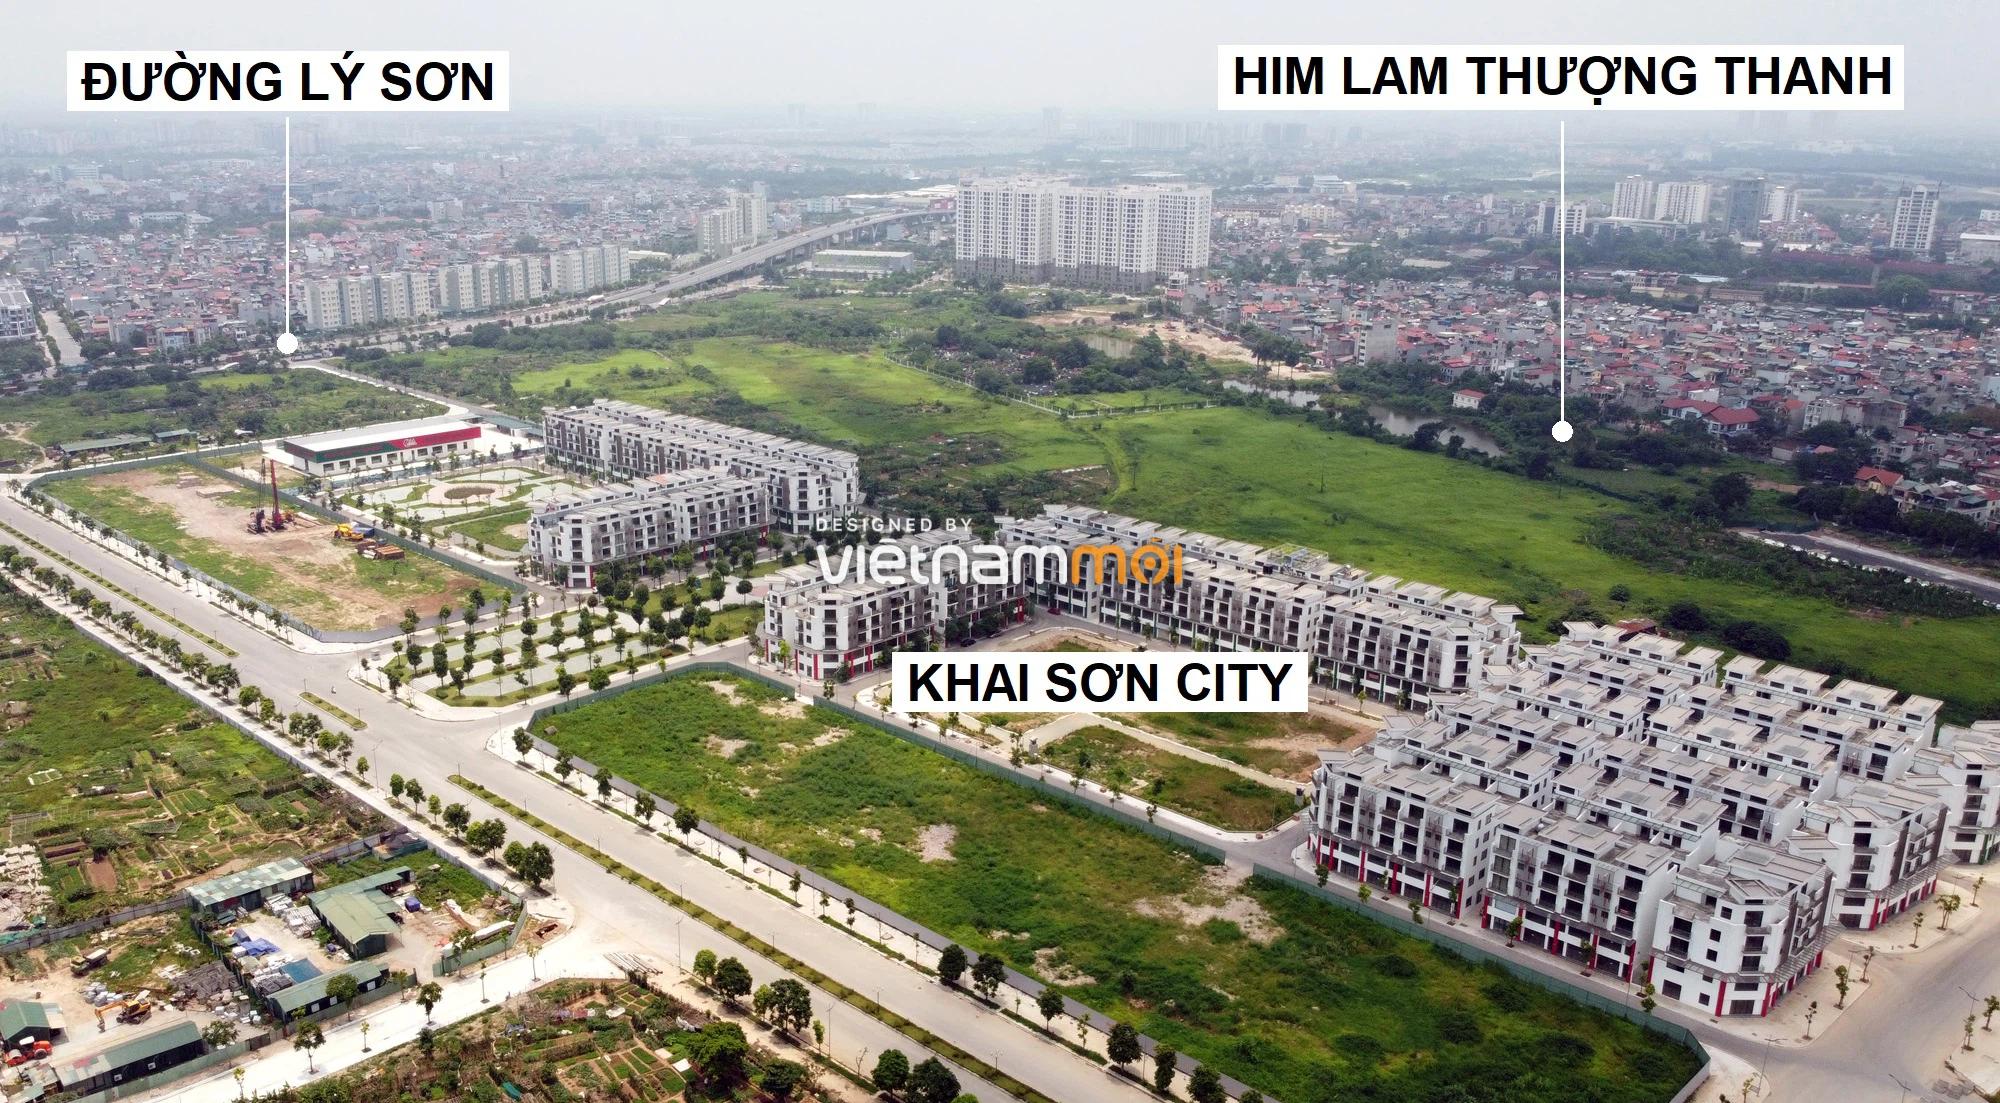 Toàn cảnh các dự án của Him Lam được hưởng lợi từ cầu Trần Hưng Đạo - Ảnh 10.